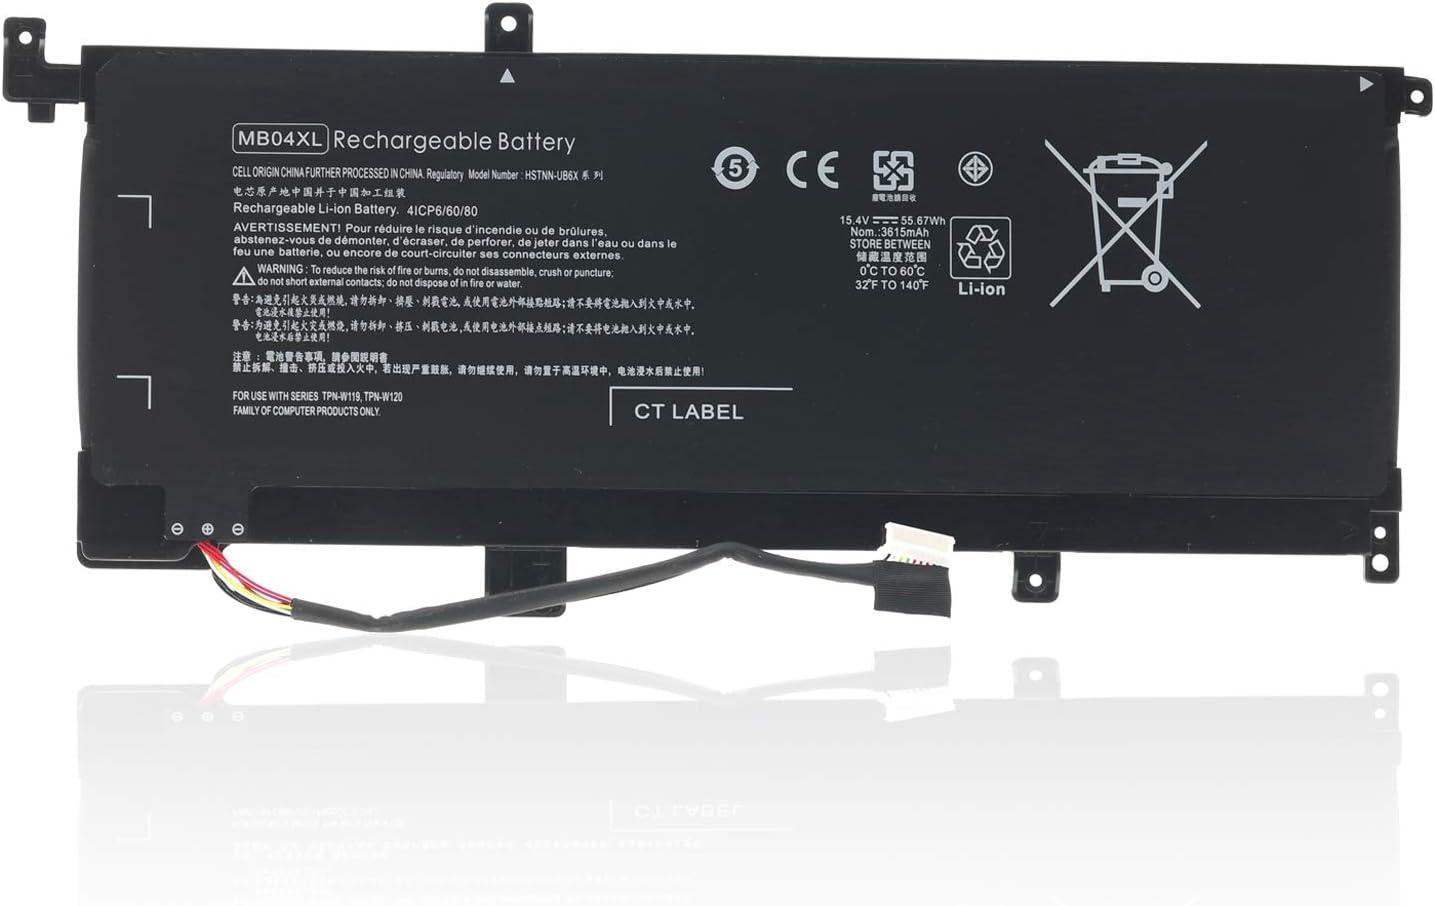 MB04XL 844204-850 Battery for HP Envy X360 M6-AQ105DX M6-AQ003DX M6-AQ005DX M6-AR004DX AQ103DX Convertible PC 15 15-AQ005NA 15-AQ101NG AQ015NR 15-AQ000 Series 843538-541 844204-850